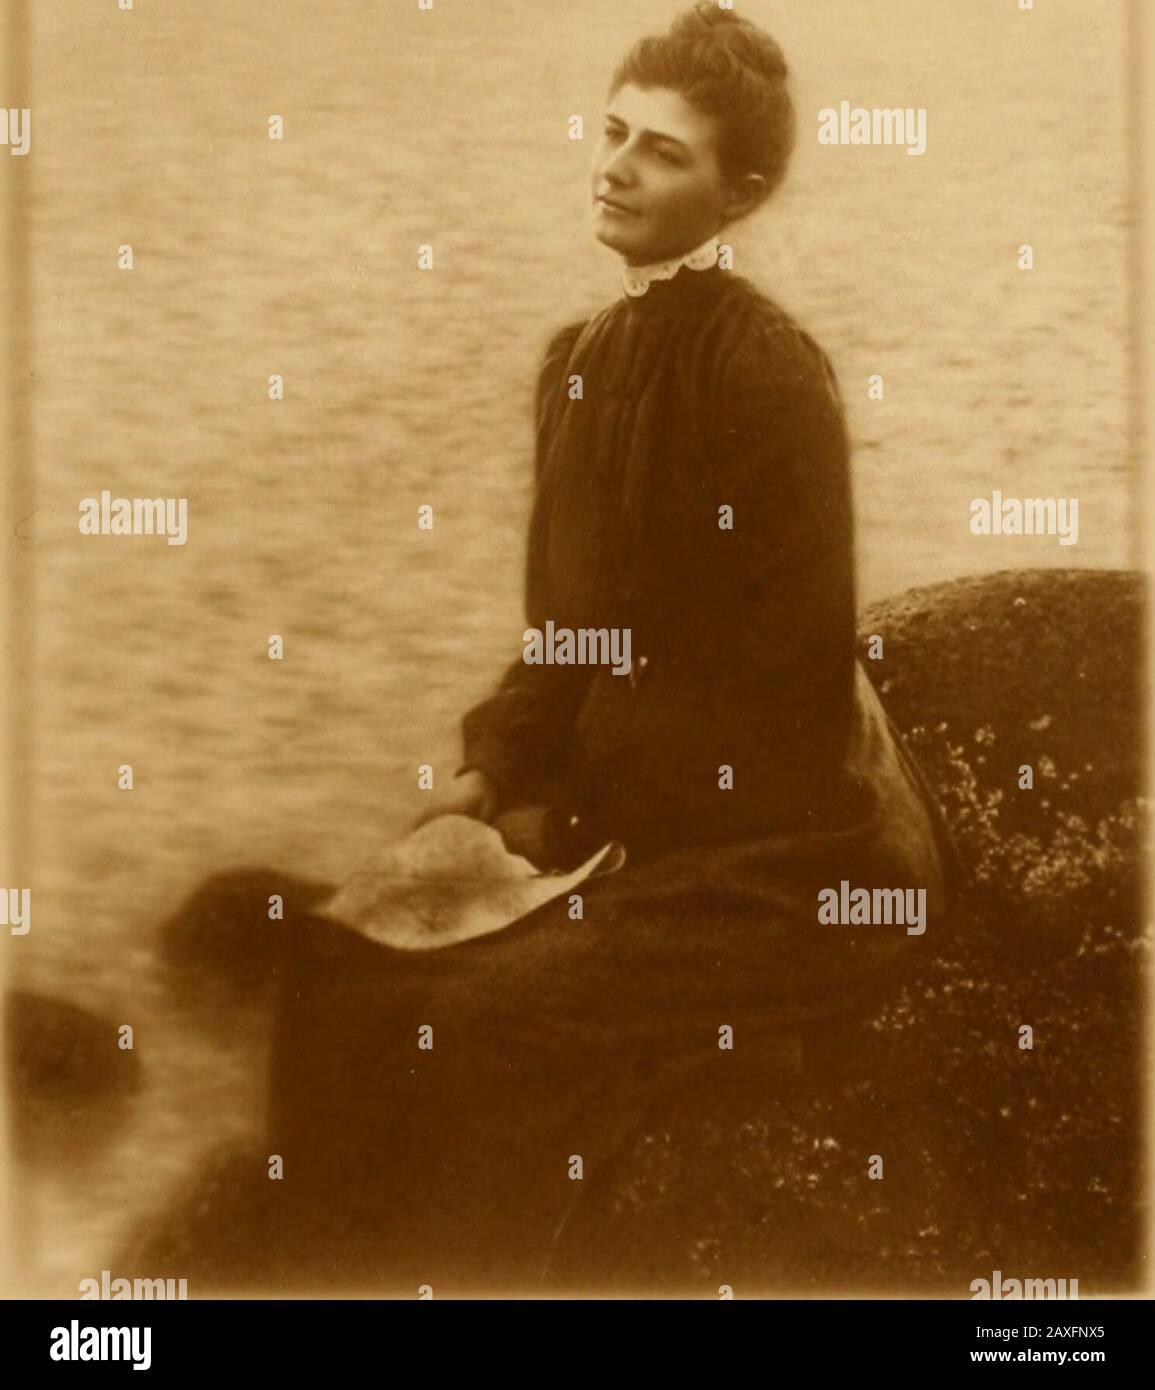 Pour ses amis et le mien: Un livre d'aspirations, de rêves et de souvenirs . Presse De Gibson Bros... INC.Washington, D. C. .• 3l17 EN MÉMOIRE DE CHARLOTTE MAI BUFFETT Une Femme D'ERWIN F. SMITH Né: 8 octobre 1871, Cleveland, Ohio Marié: 13 avril 1893, Easton, Maryland Mort: 28 décembre 1906, Washington, D. C. Pour toujours wilt que tu aimes, et elle soit juste!—Keats. Dieu la hante avec Lui-Même éternellement, Mais elle habite chaque heure avec toi. —Cino da Pisloia (traduction Rossettis). Ce que lhomme ici-bas appelle le génie, Cest le besoin daimer; hors de la tout est vain. —Alfred de Musset.. La mer sh Banque D'Images